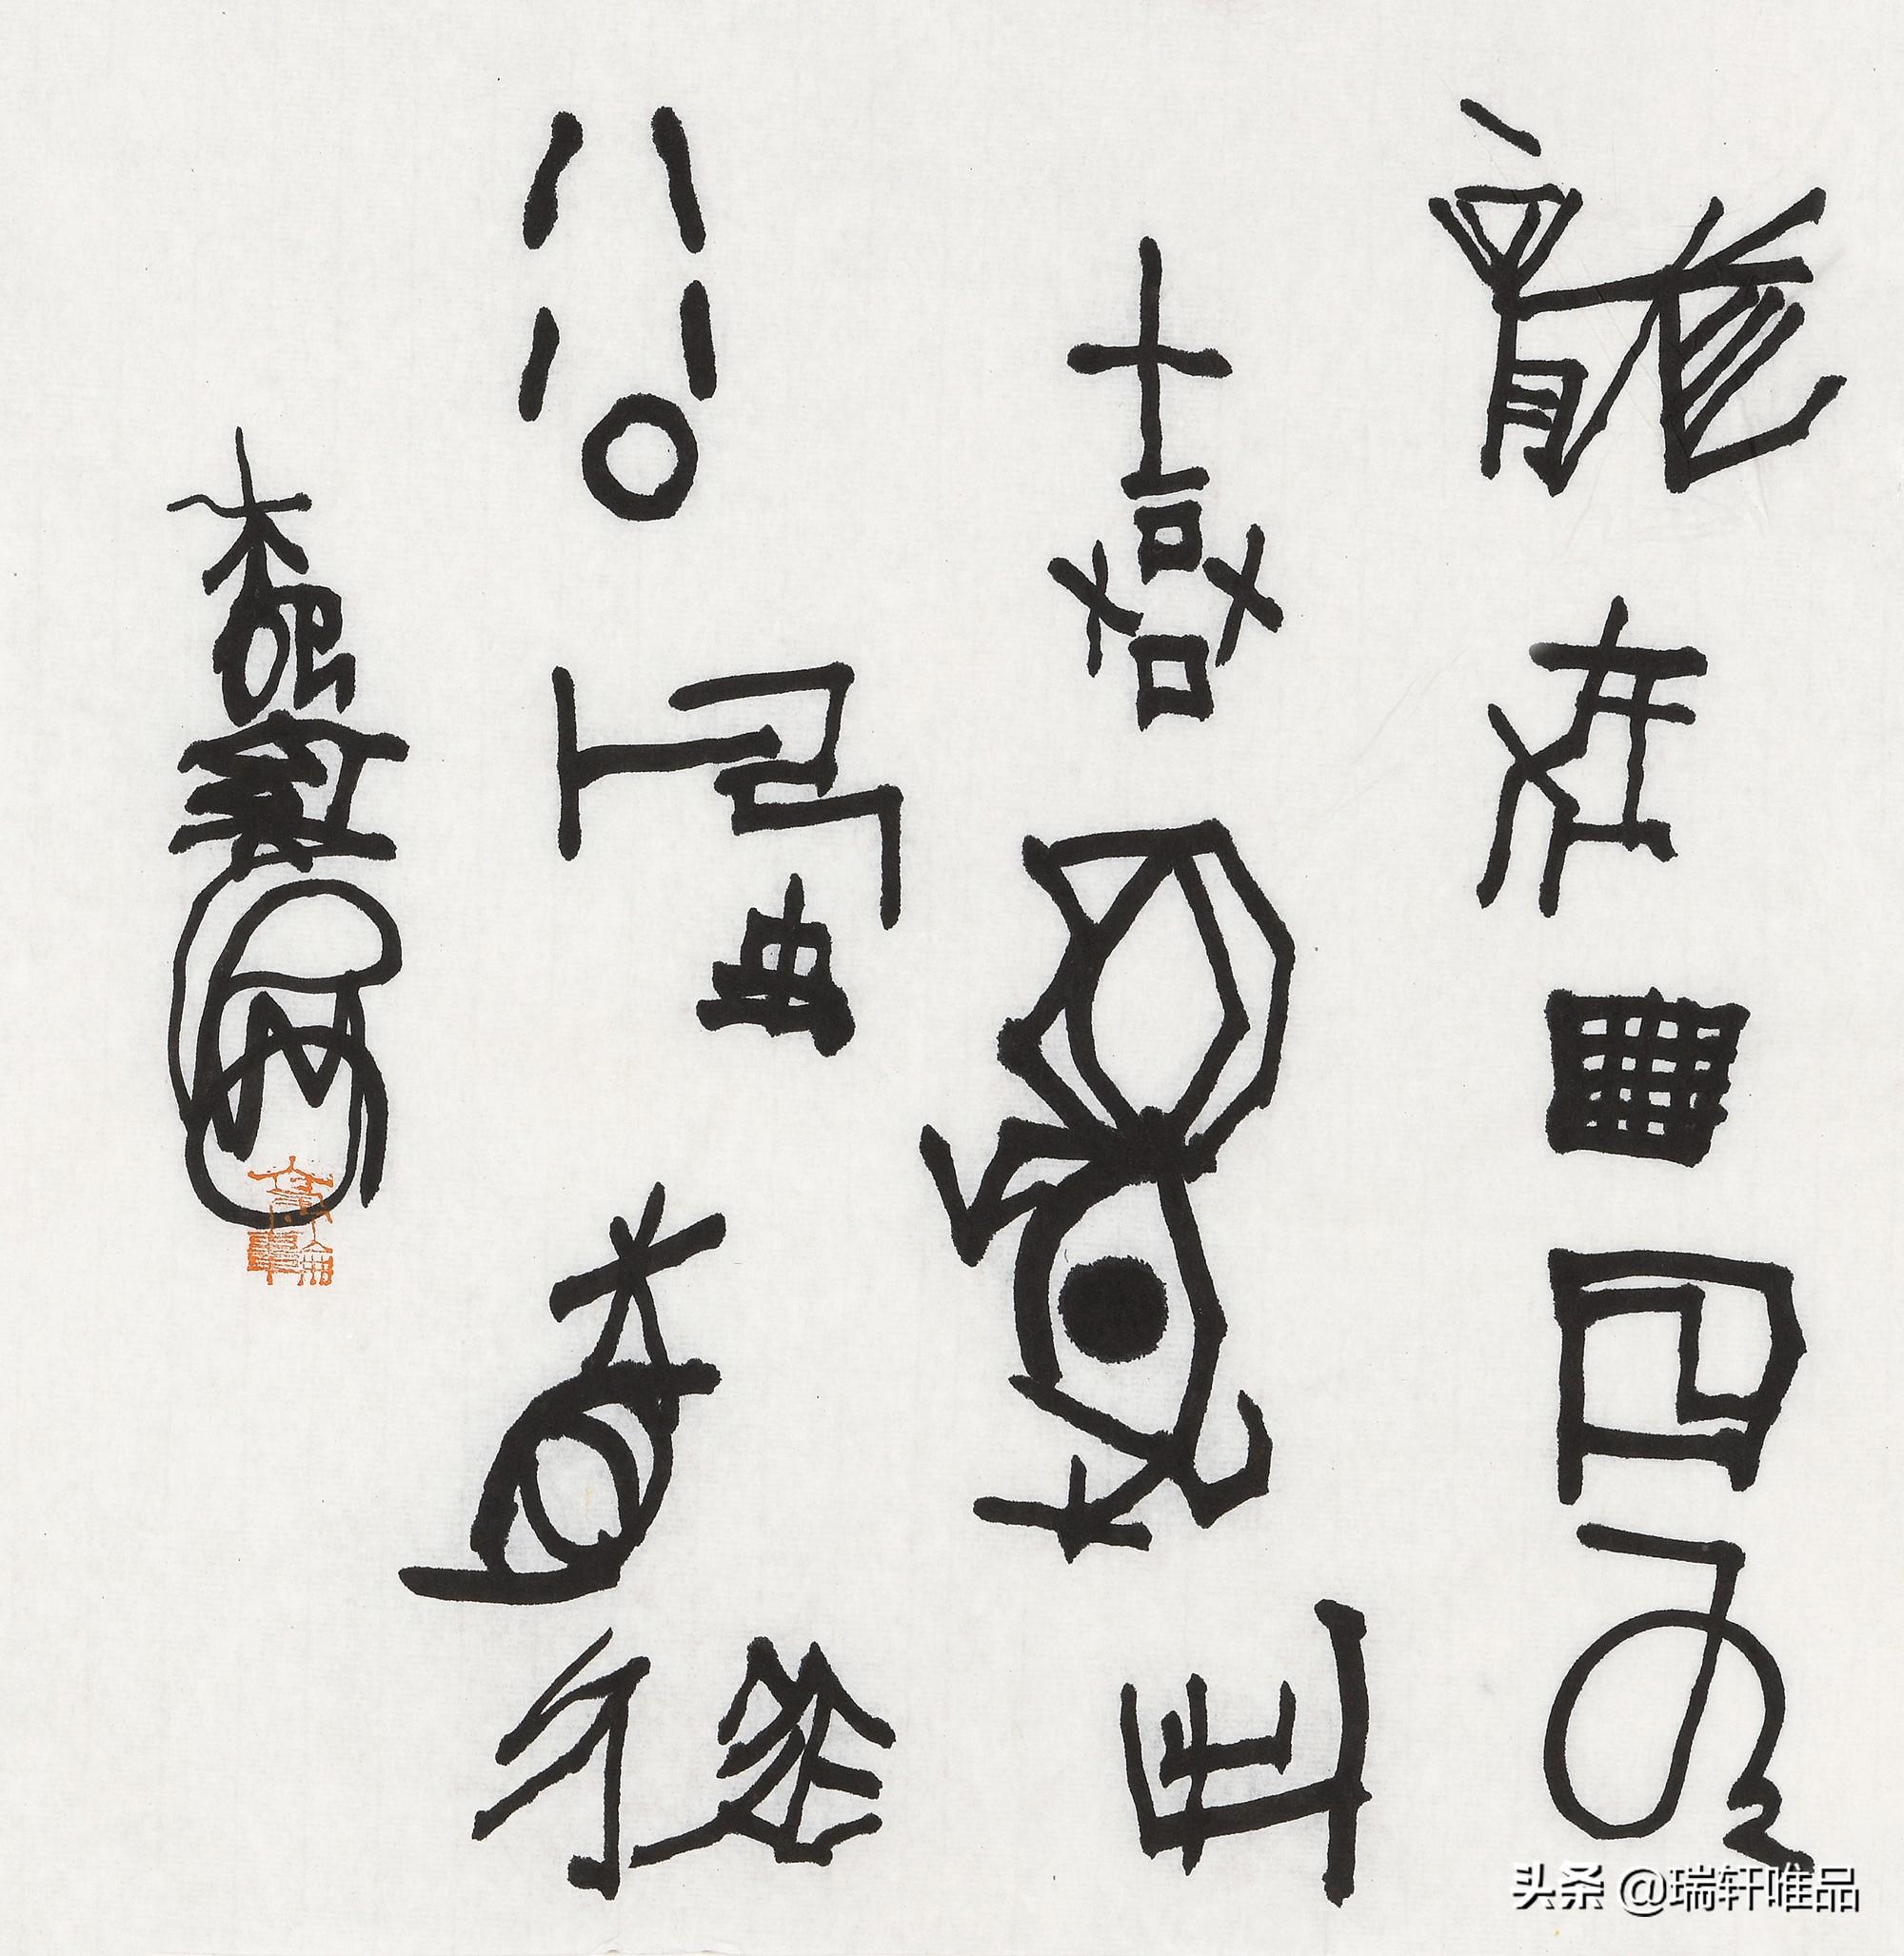 柳红海居士书法作品欣赏